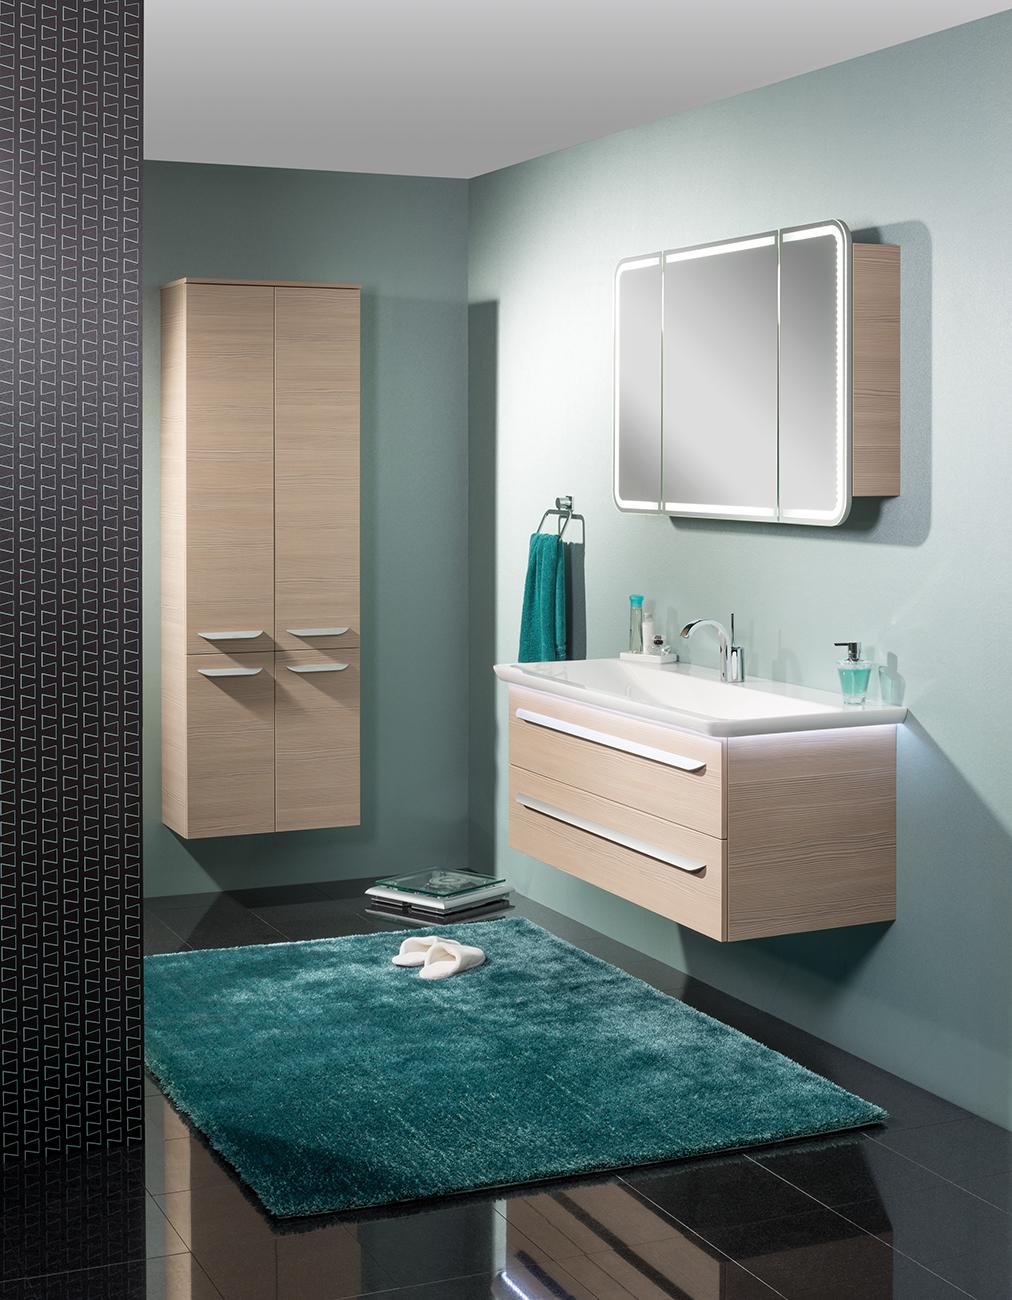 badm bel armaturen sanolux gmbh. Black Bedroom Furniture Sets. Home Design Ideas